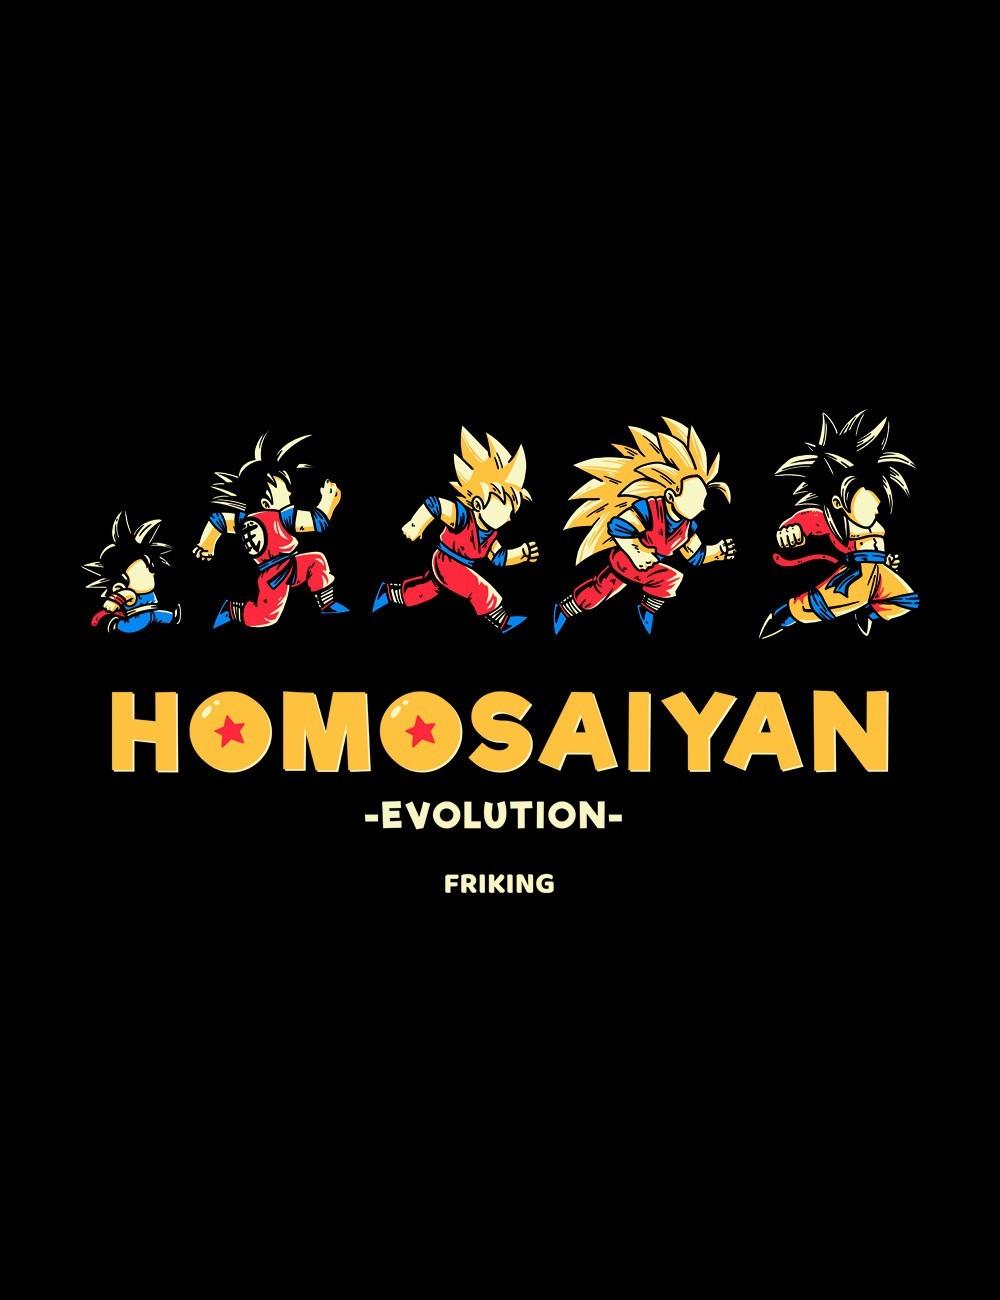 Homosaiyan Evolution